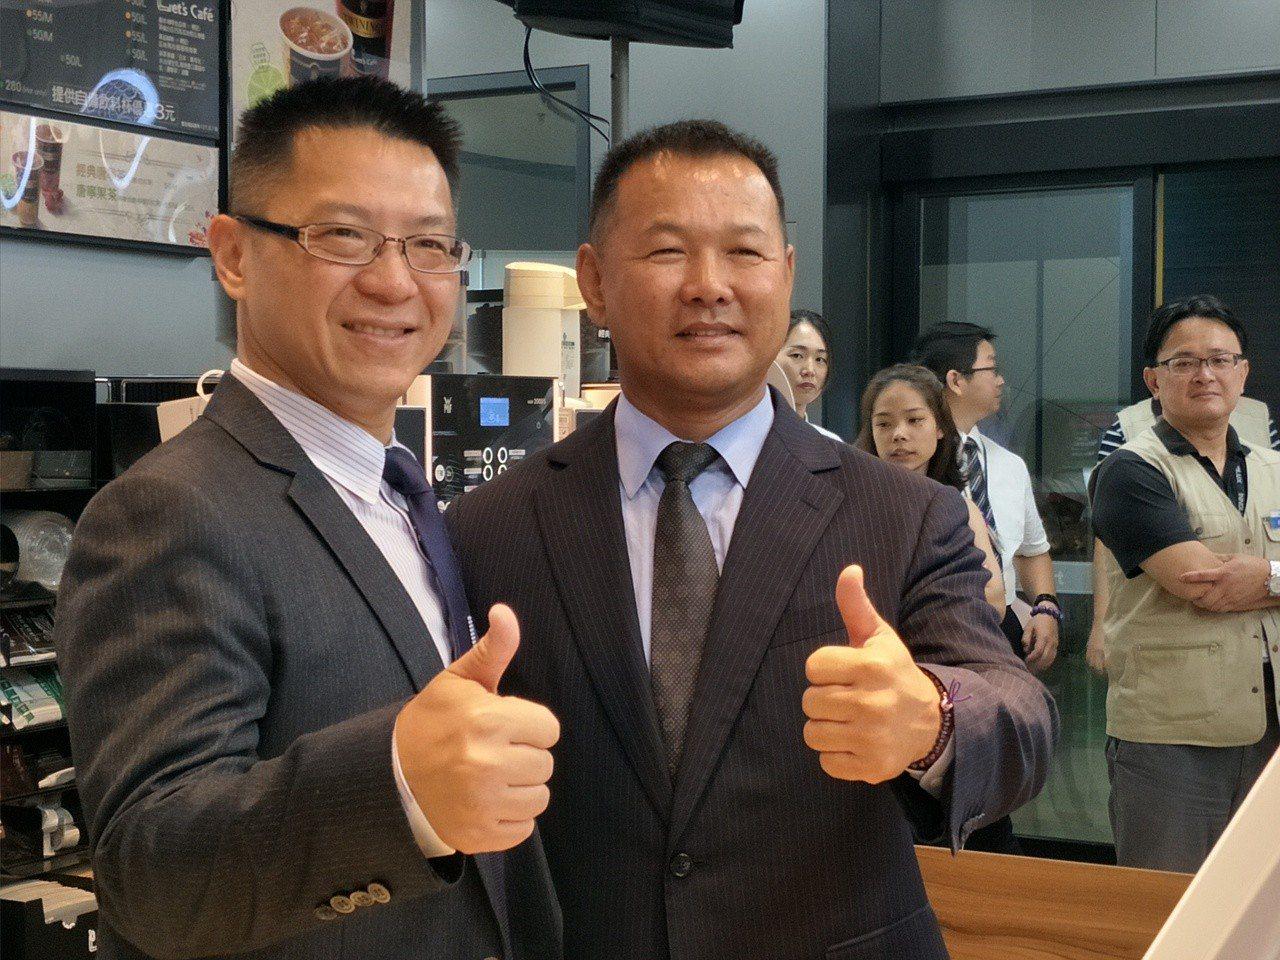 群創光電董事長洪進揚(左)與全家超商總經里薛東都,對於合作案深具信心。記者謝進盛...